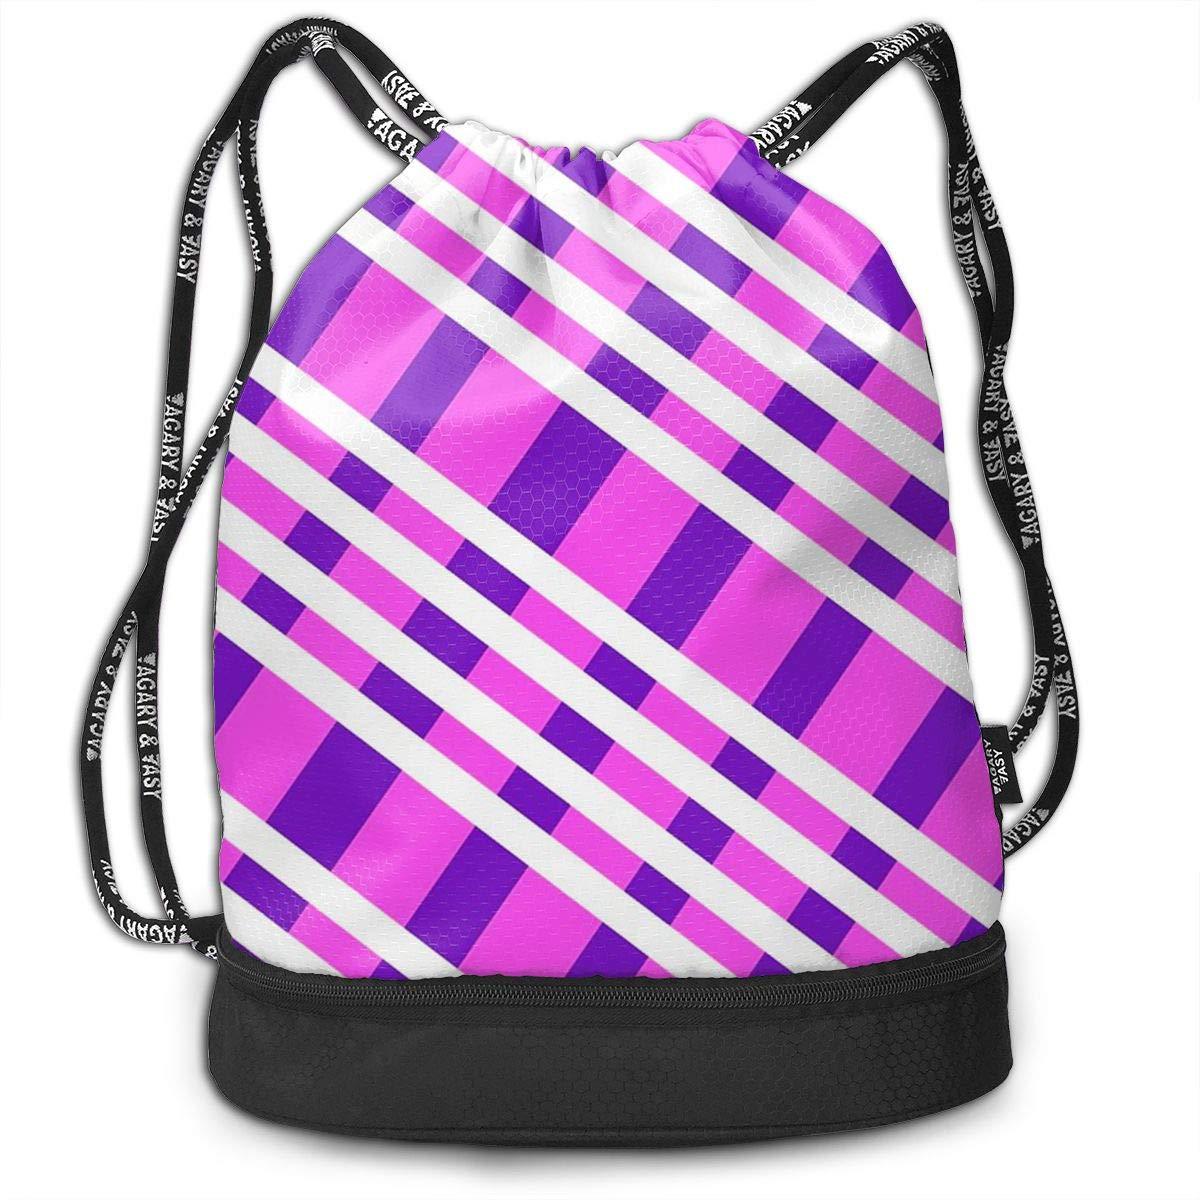 HUOPR5Q Purple Plaid Drawstring Backpack Sport Gym Sack Shoulder Bulk Bag Dance Bag for School Travel